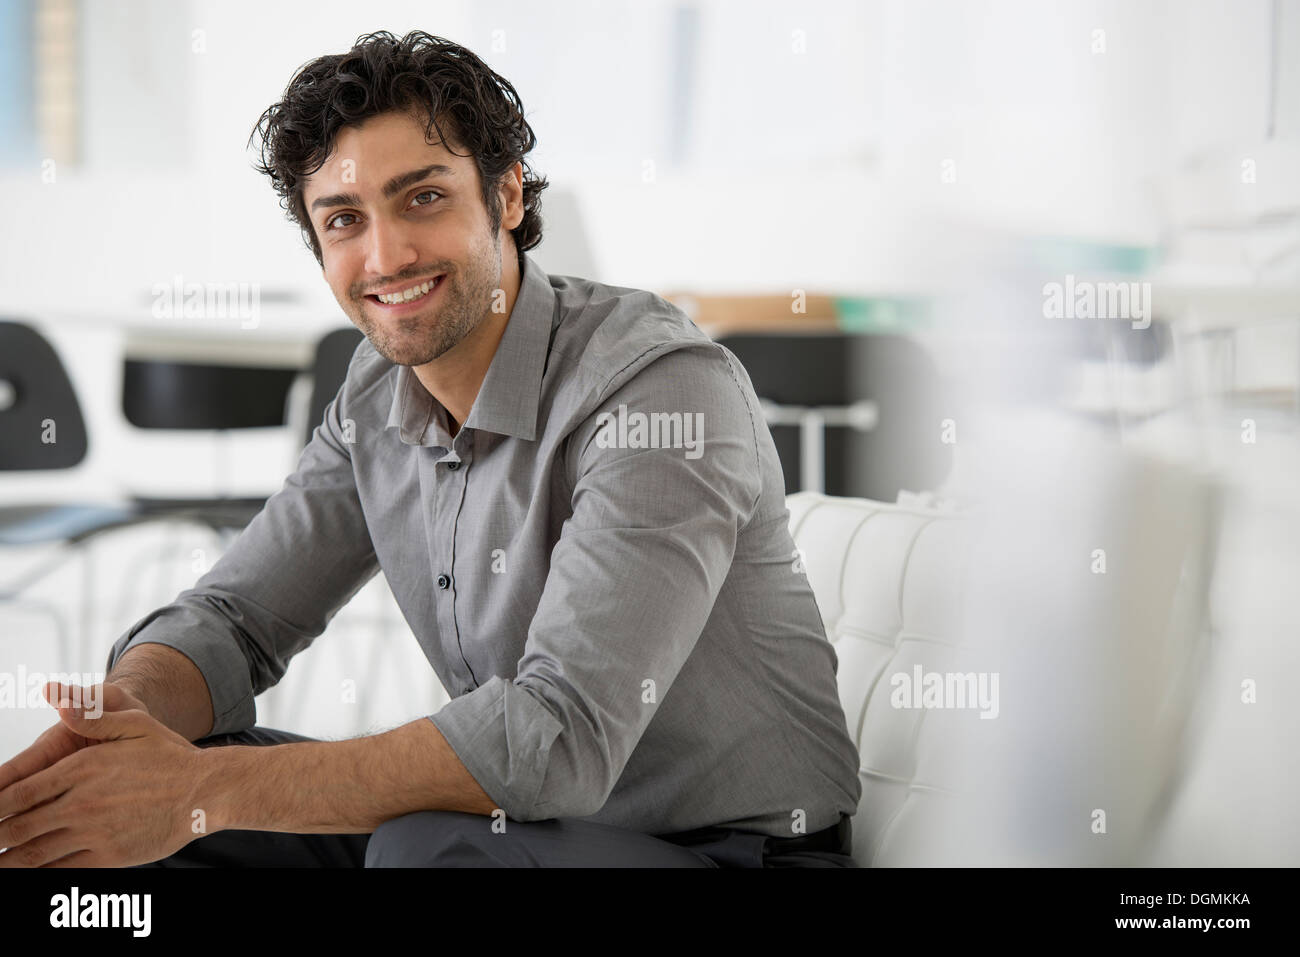 Business. Un uomo seduto con le mani giunte in una posa rilassata. Sorridente e inclinato in avanti. Immagini Stock